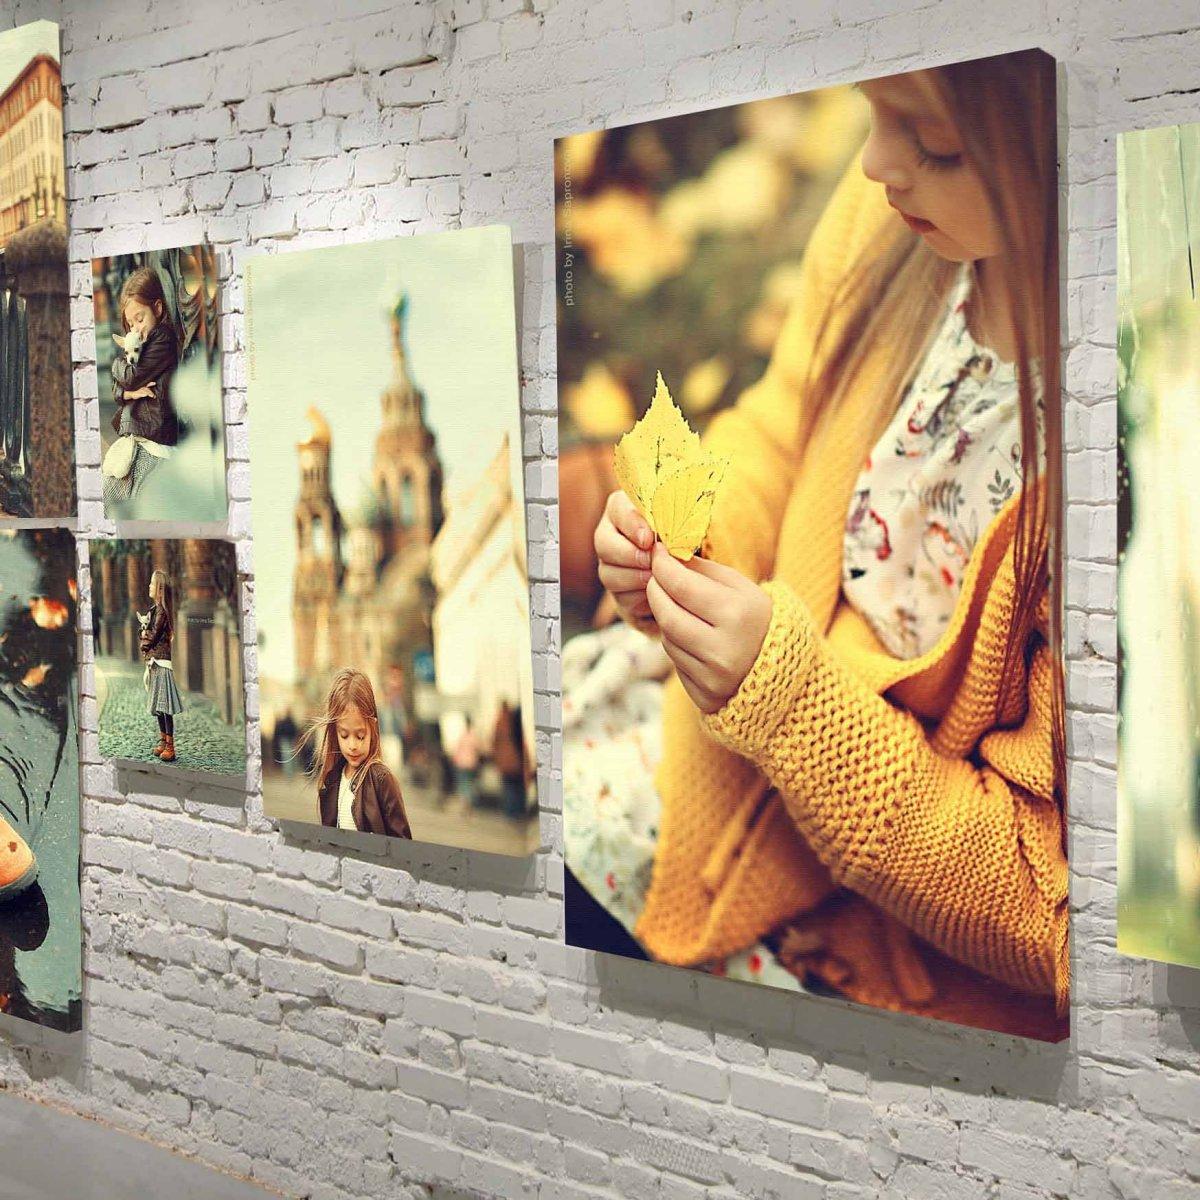 Размеры холстов для печати фотографий заказать